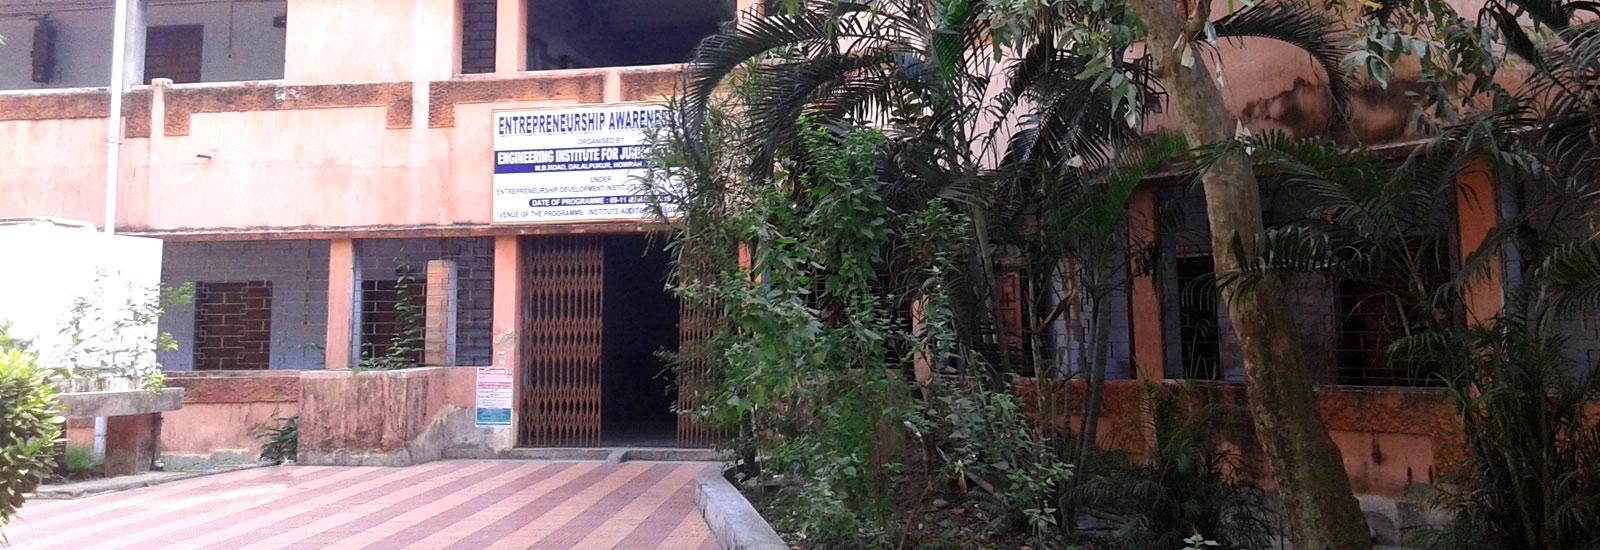 Engineering Institute For Junior Executives